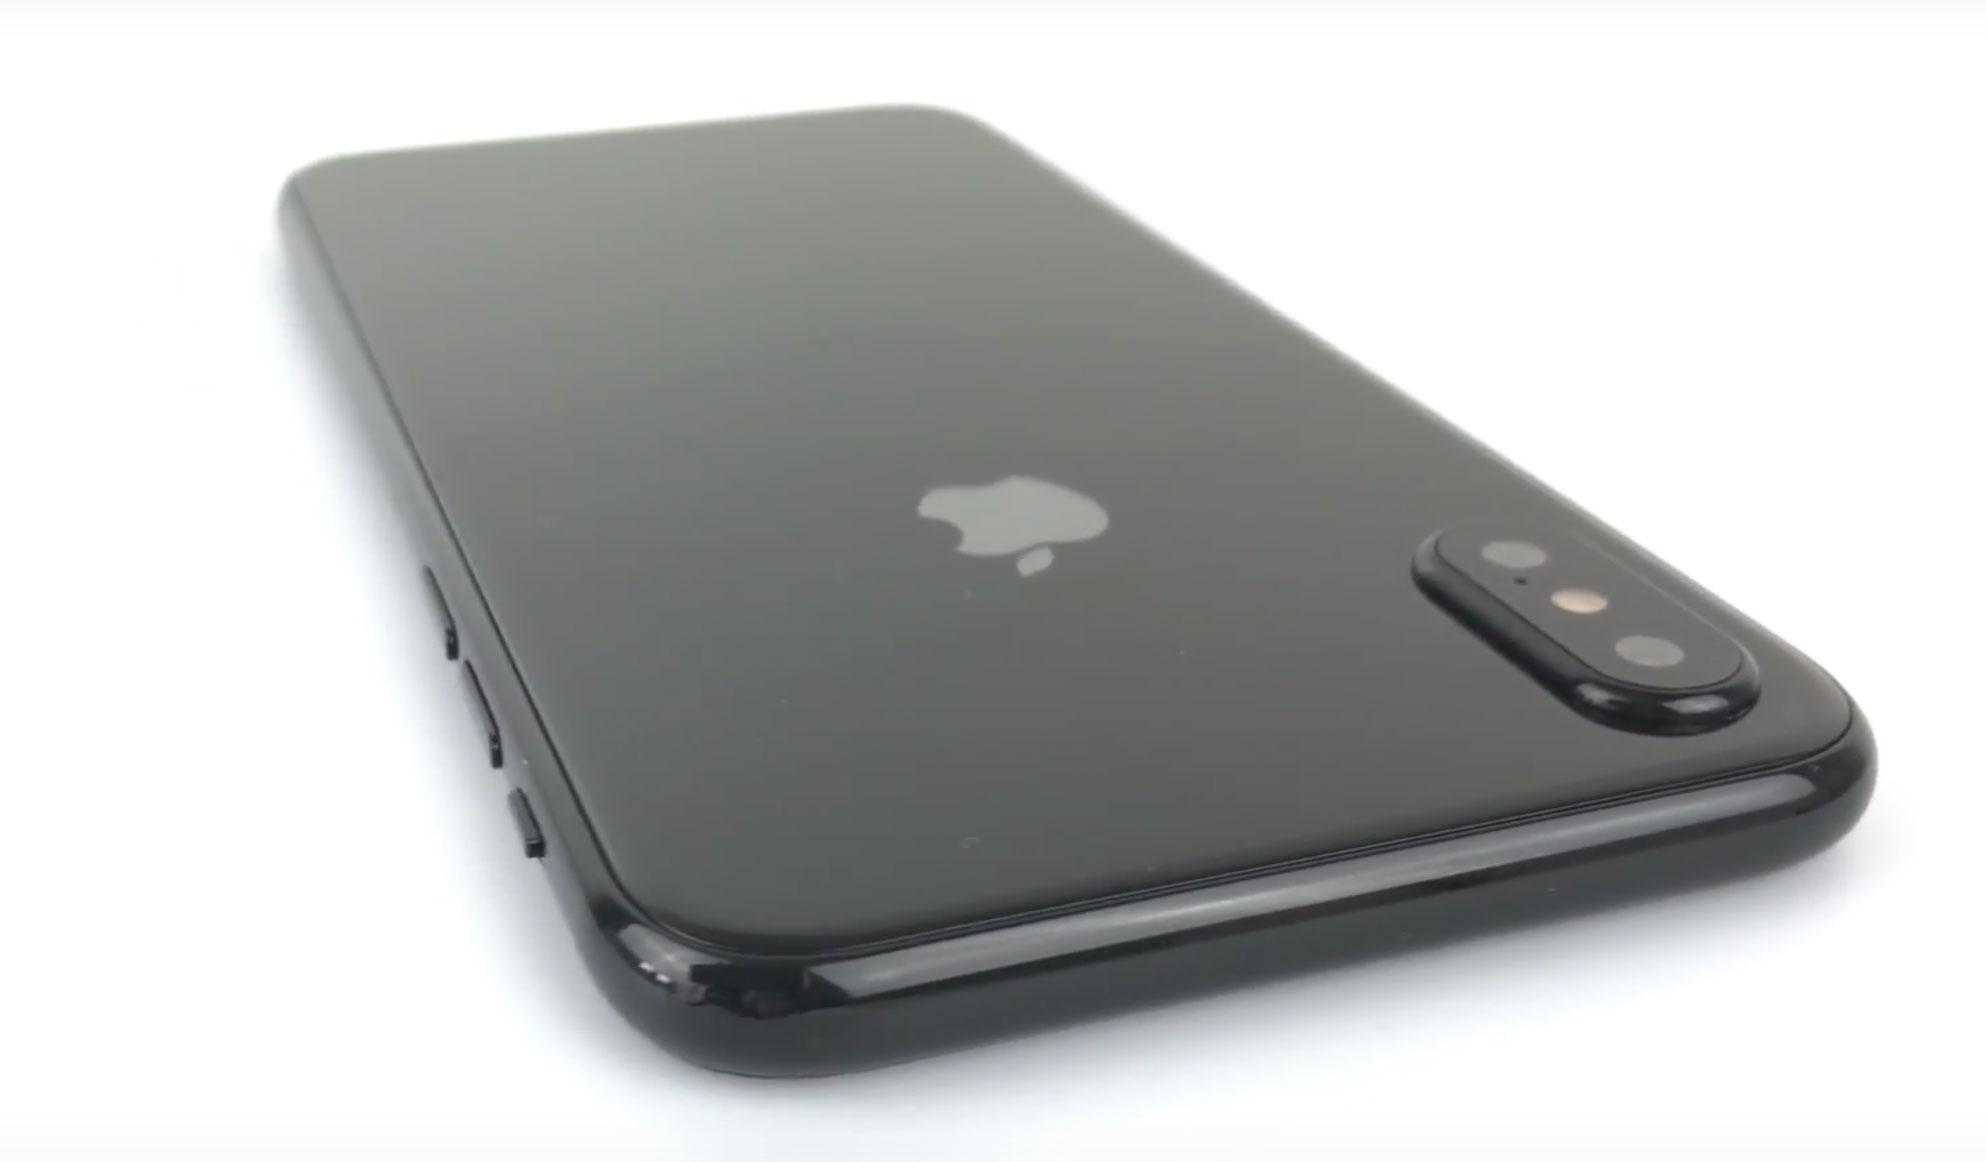 Apple лучше отложить релиз iPhone 8 или лишить его некоторых функций? [опрос]